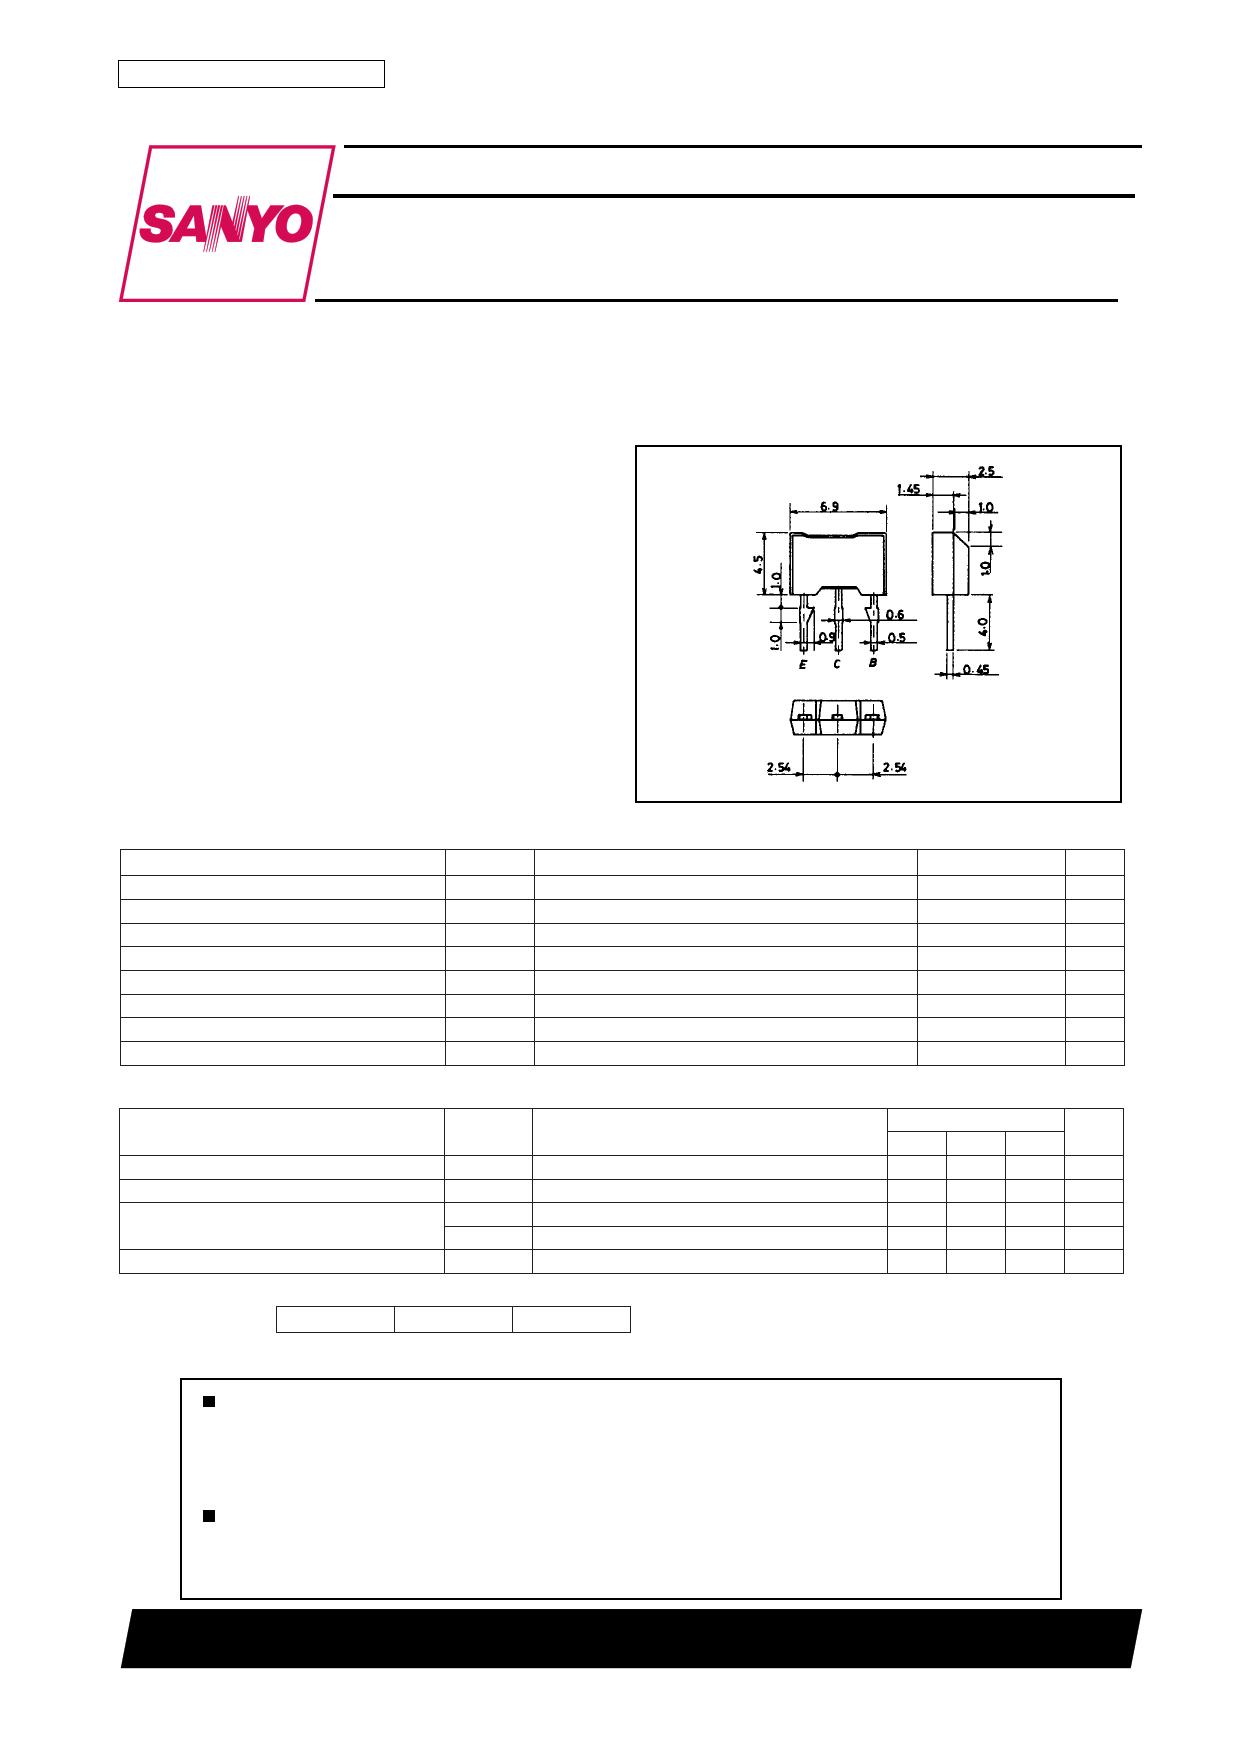 A1707 datasheet pinout